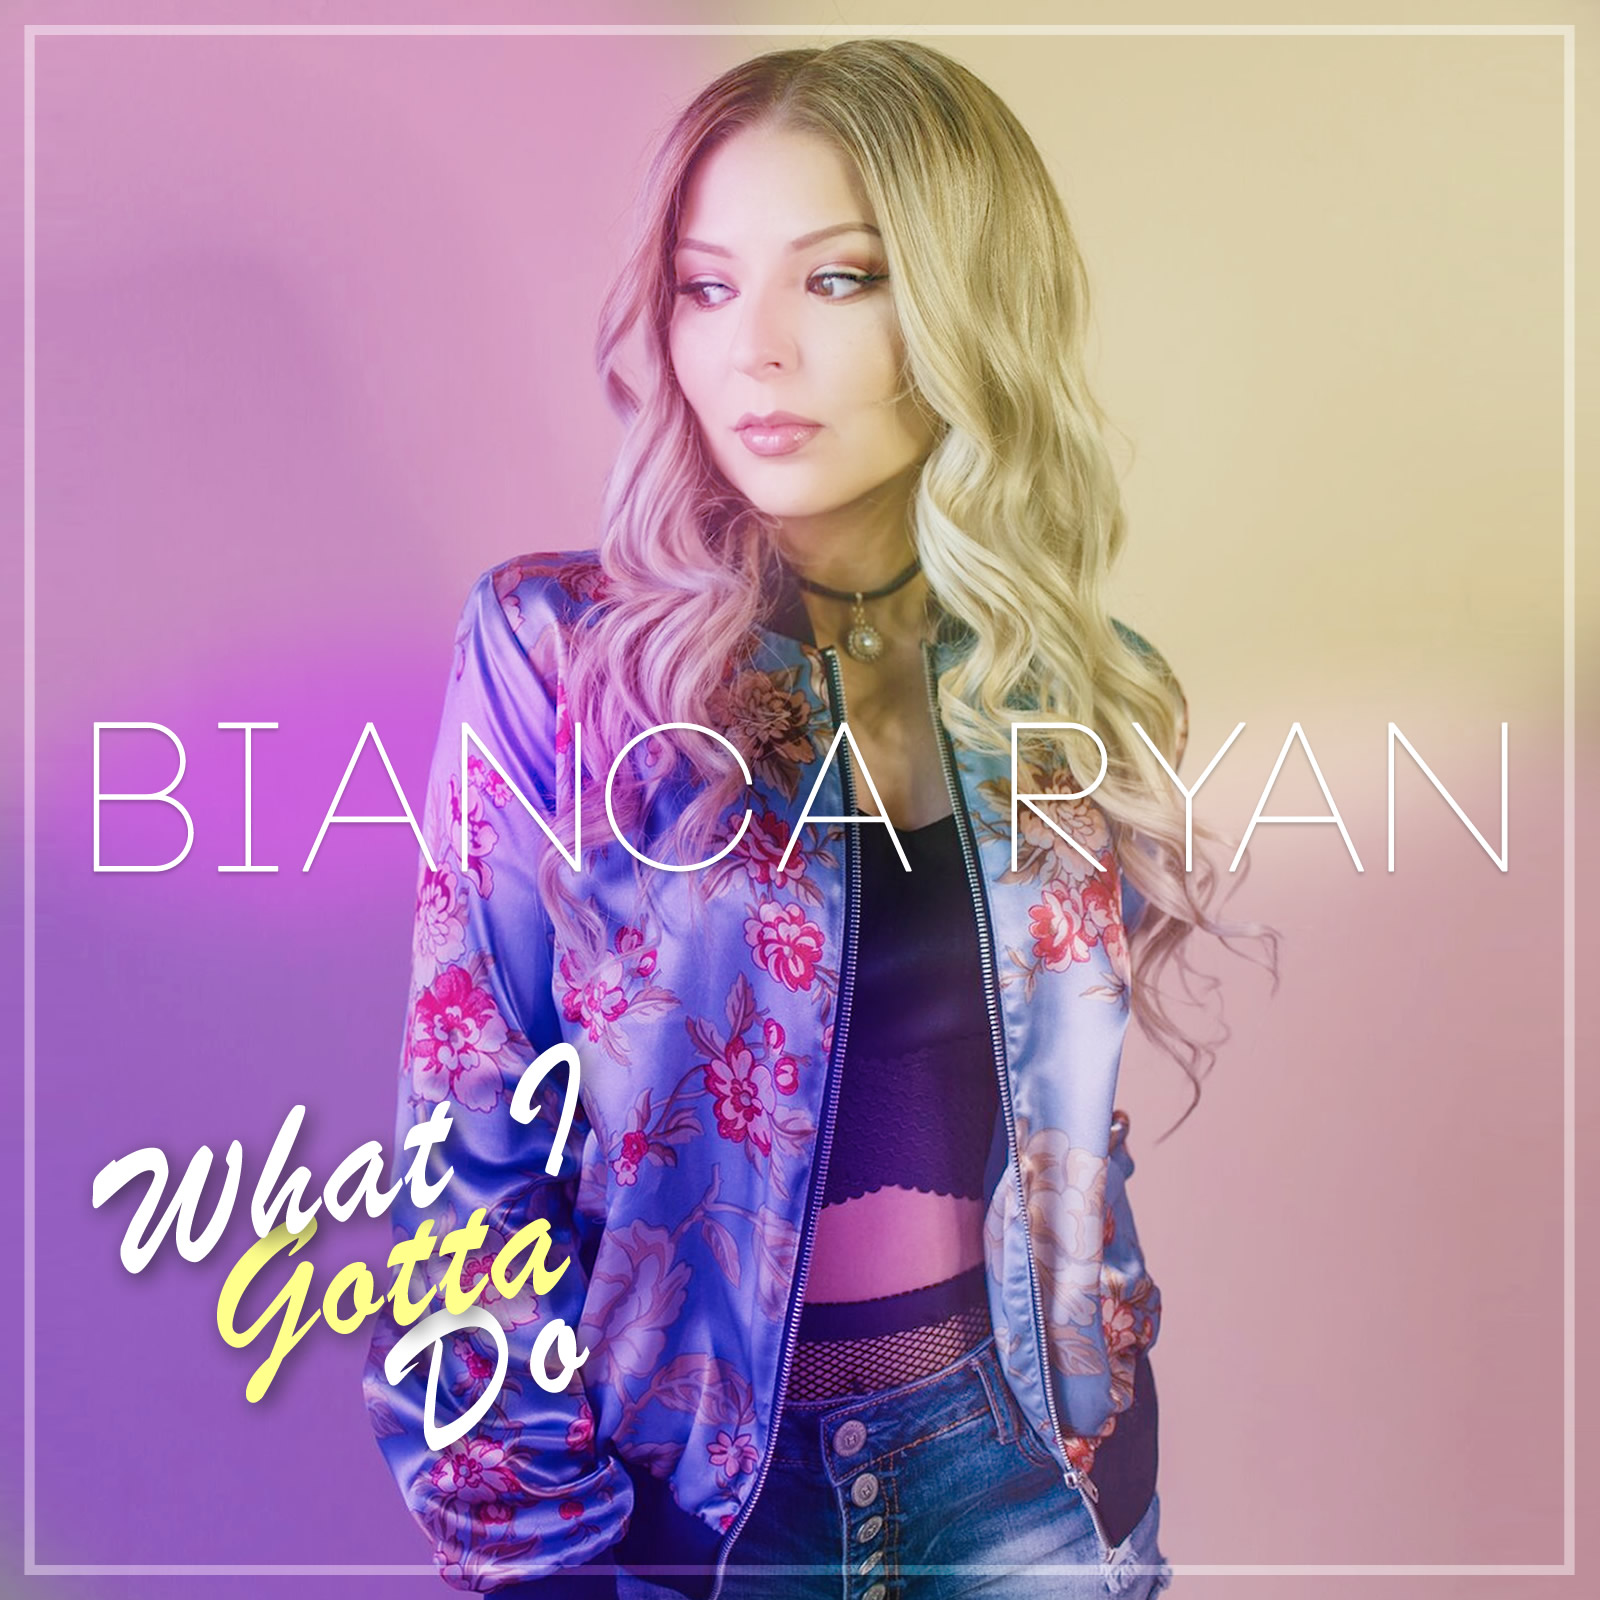 Artistical-Studios-Graphics-Bianca Ryan - What I Gotta Do- Cover - FINAL